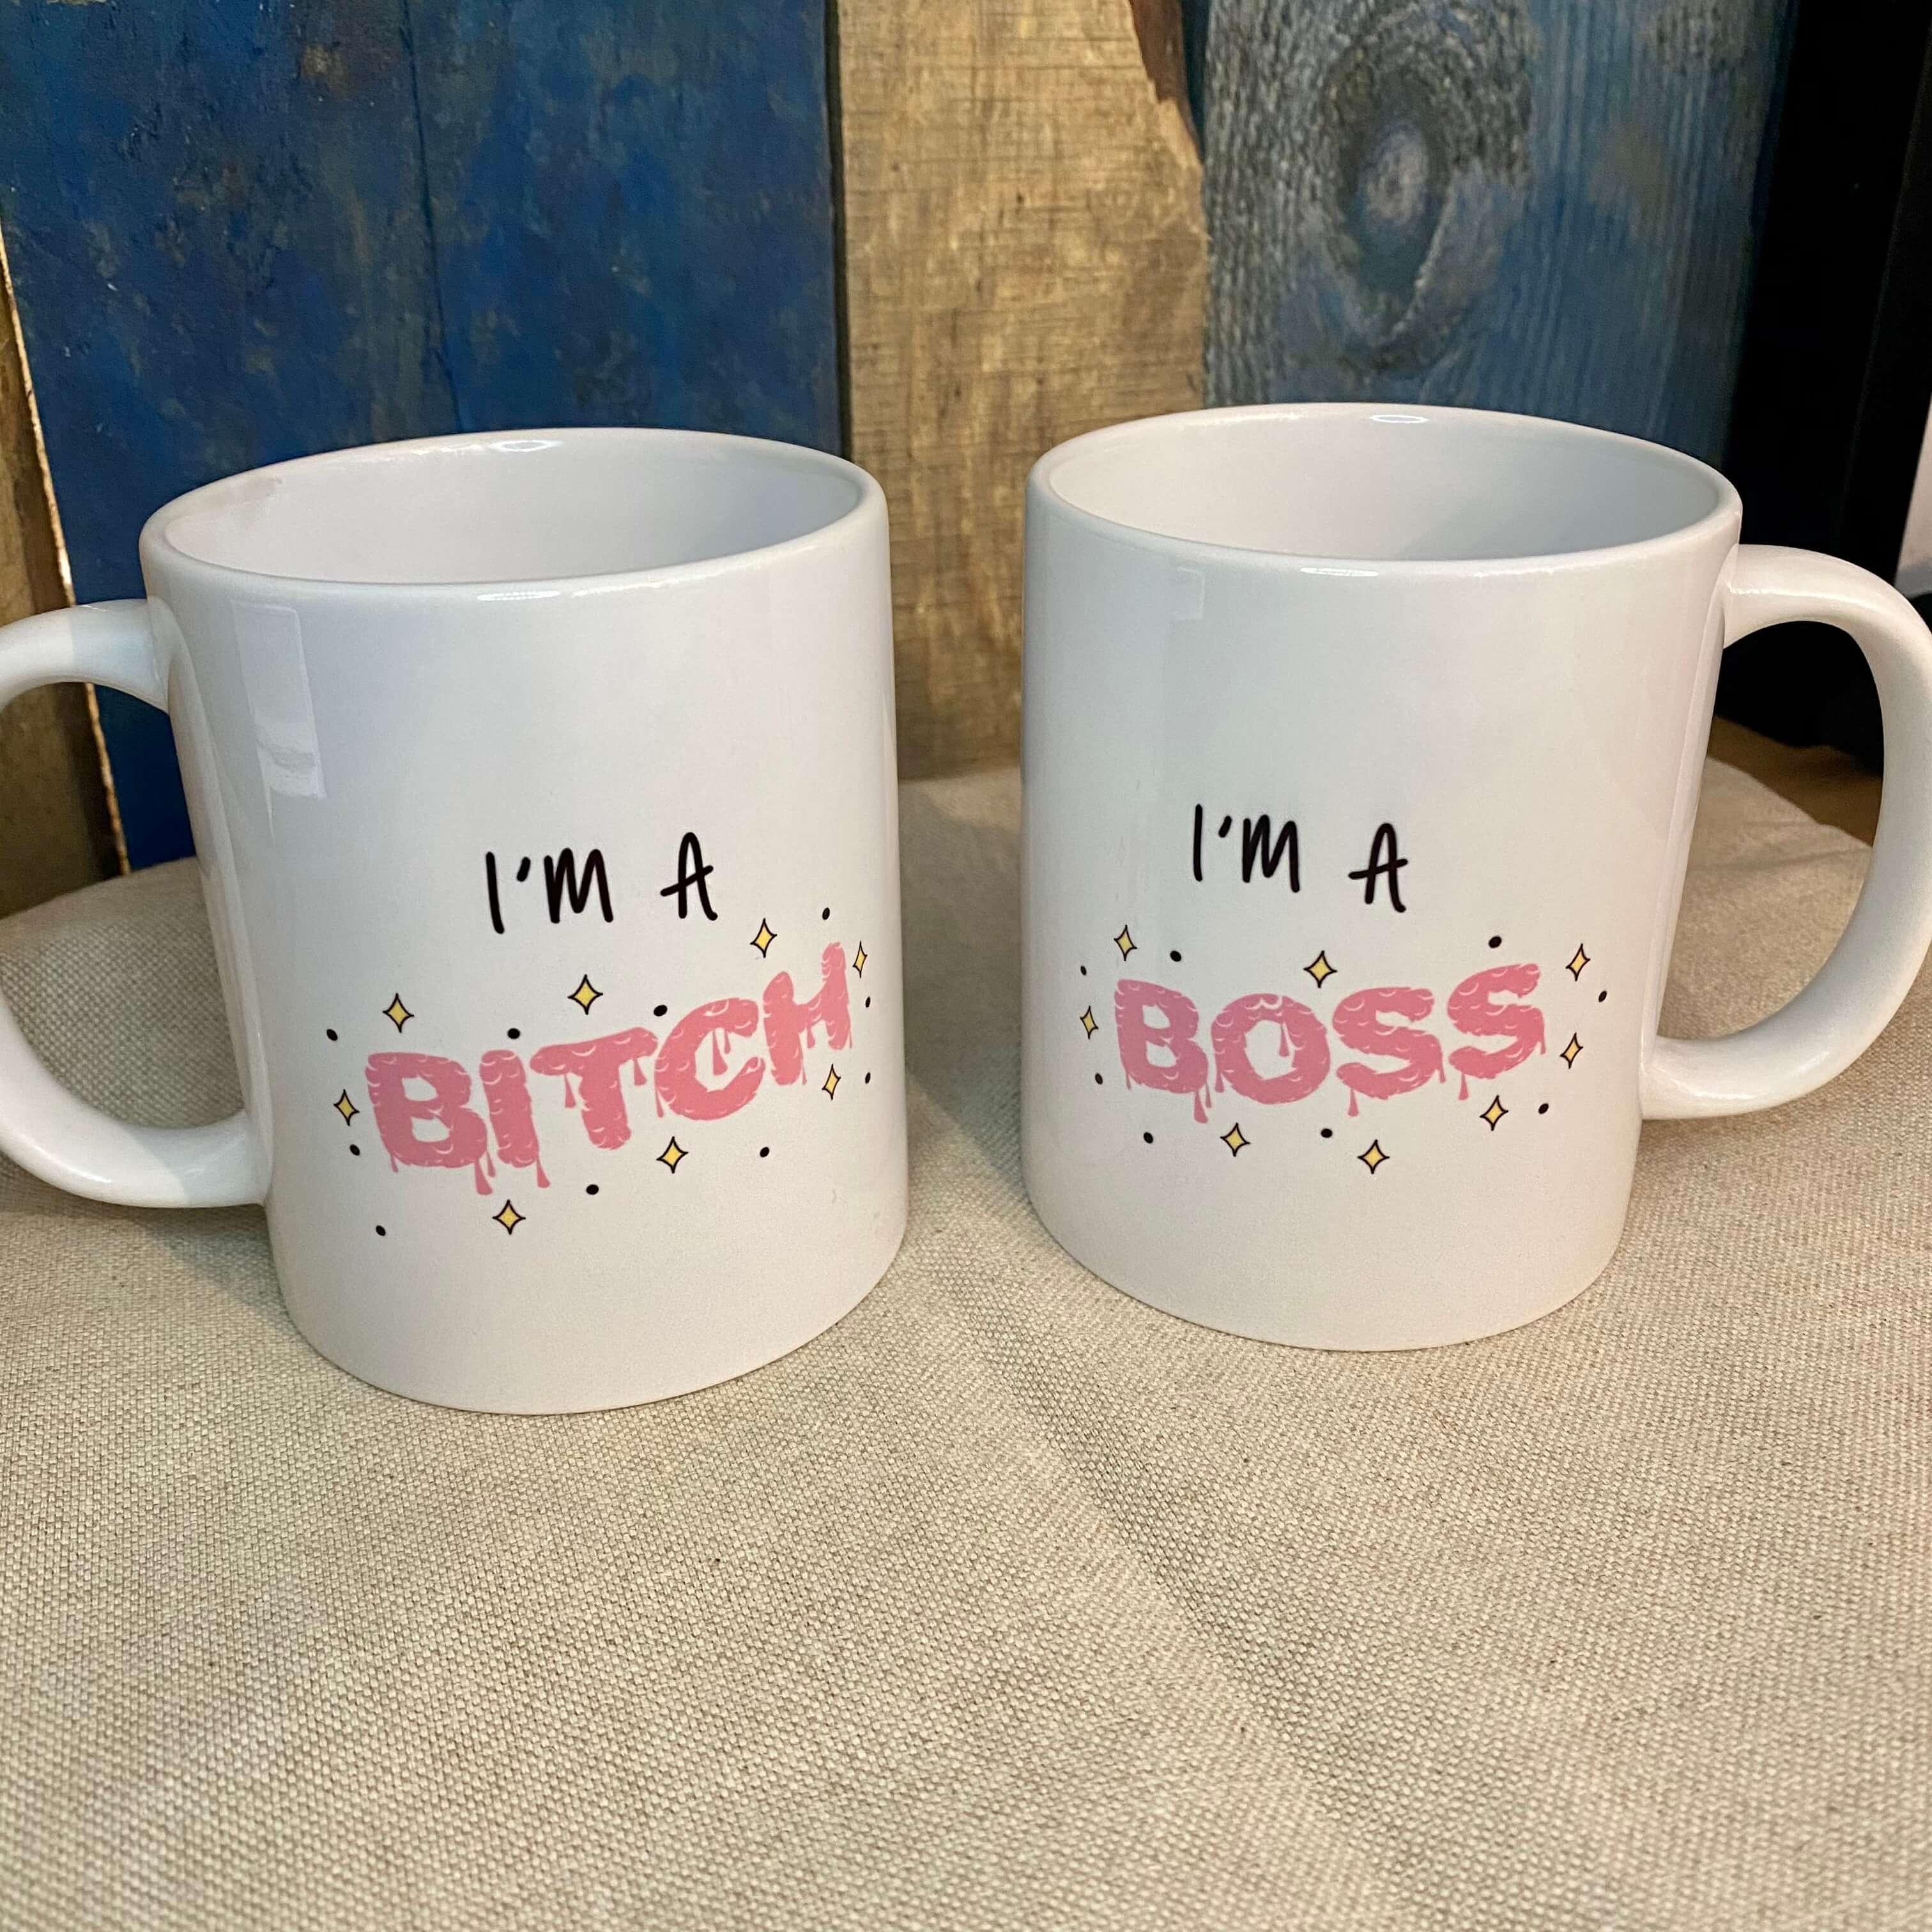 I'm a Bitch & Boss Mug